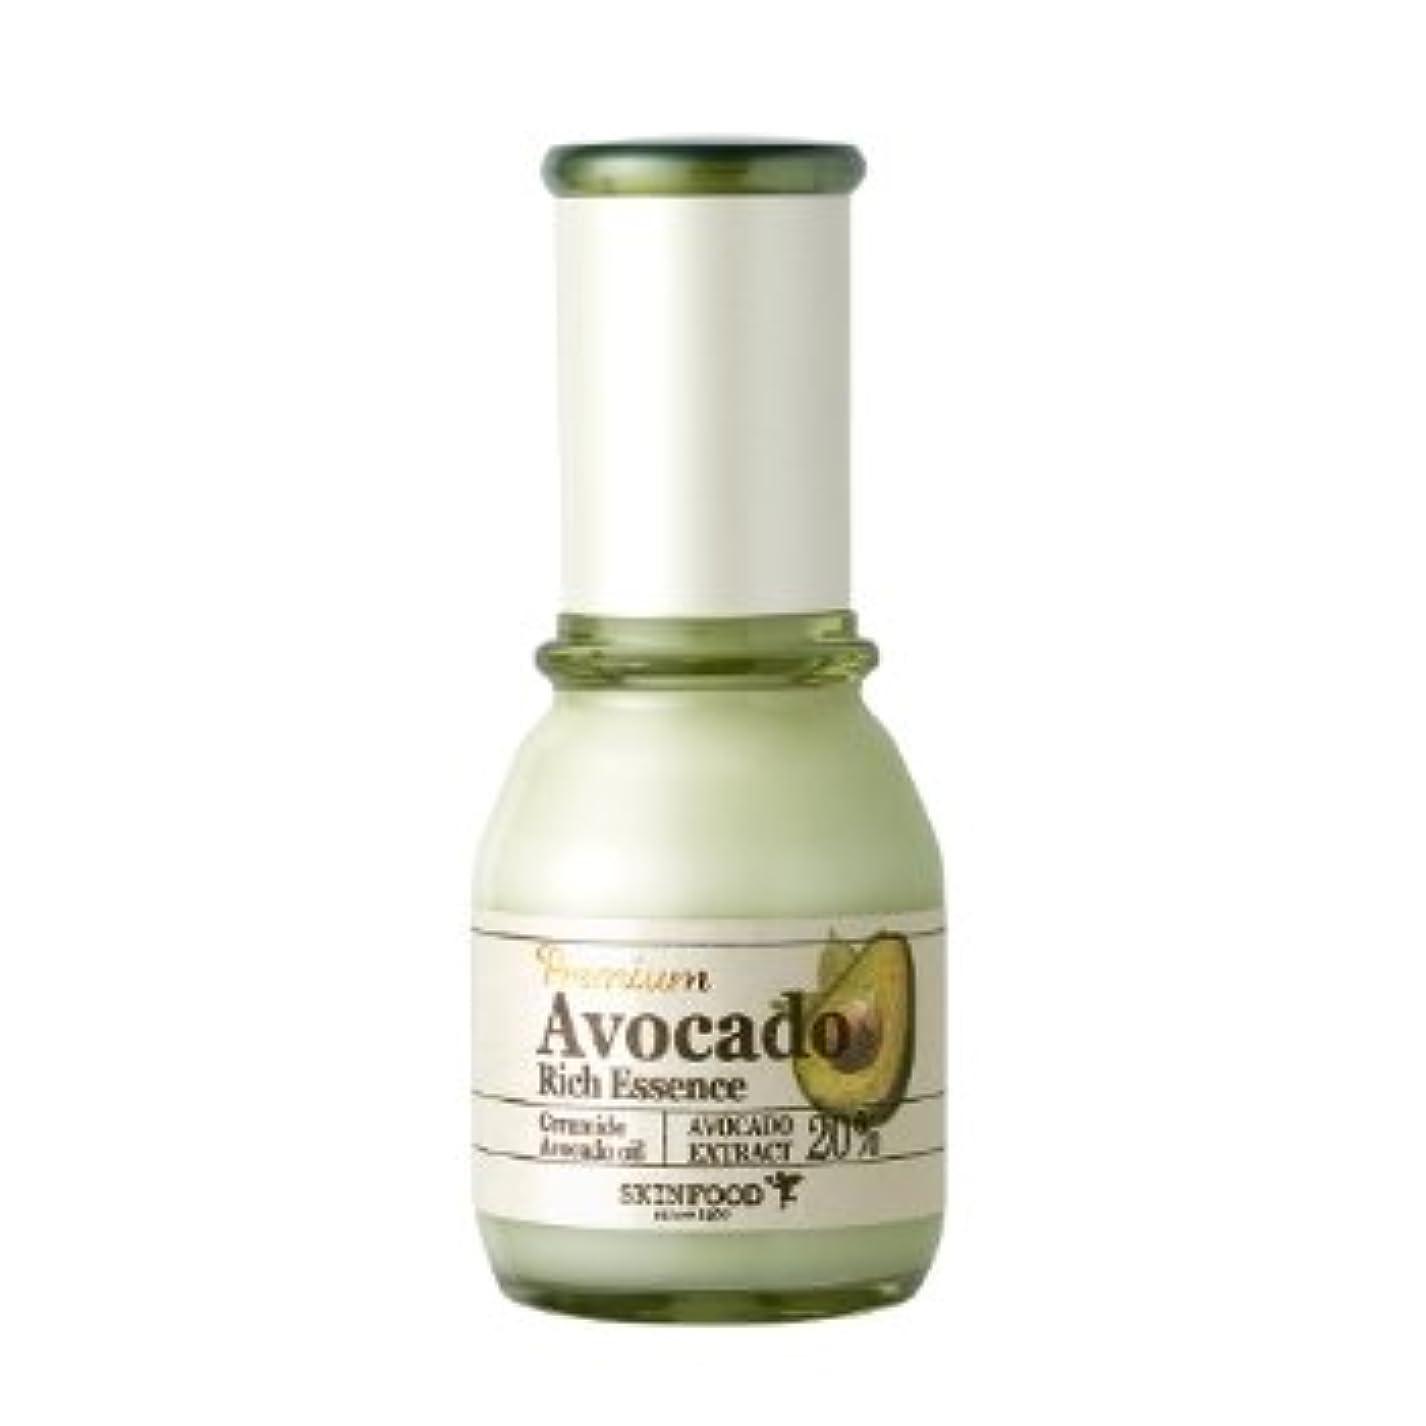 賛辞感嘆ゴールデンスキンフード [Skin Food] プレミアム アボカド リーチ エッセンス 50ml / Premium Avocado Rich Essence 海外直送品